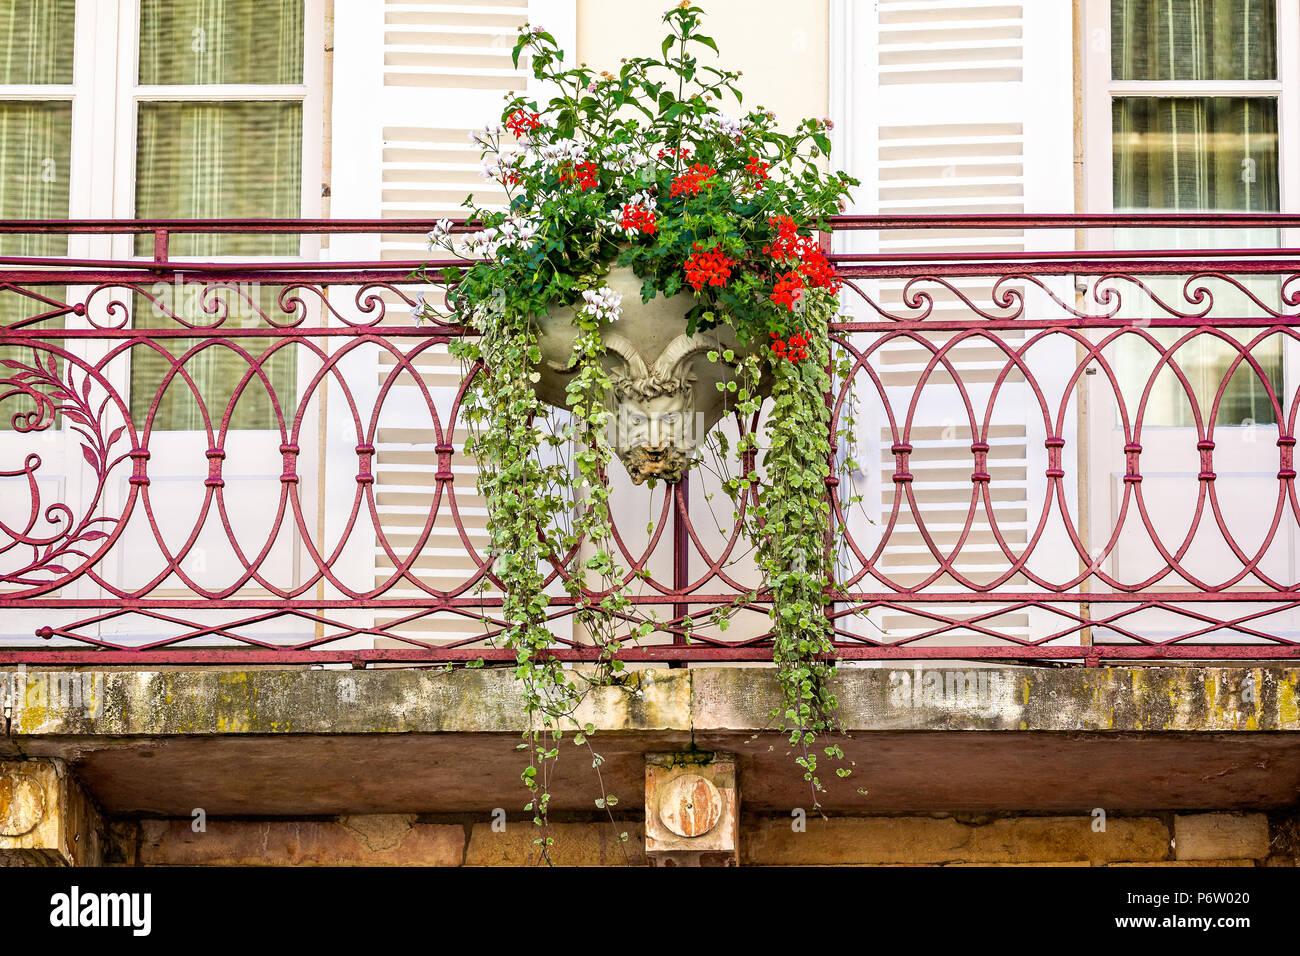 Wrought Iron Hanging Basket Stock Photos Amp Wrought Iron